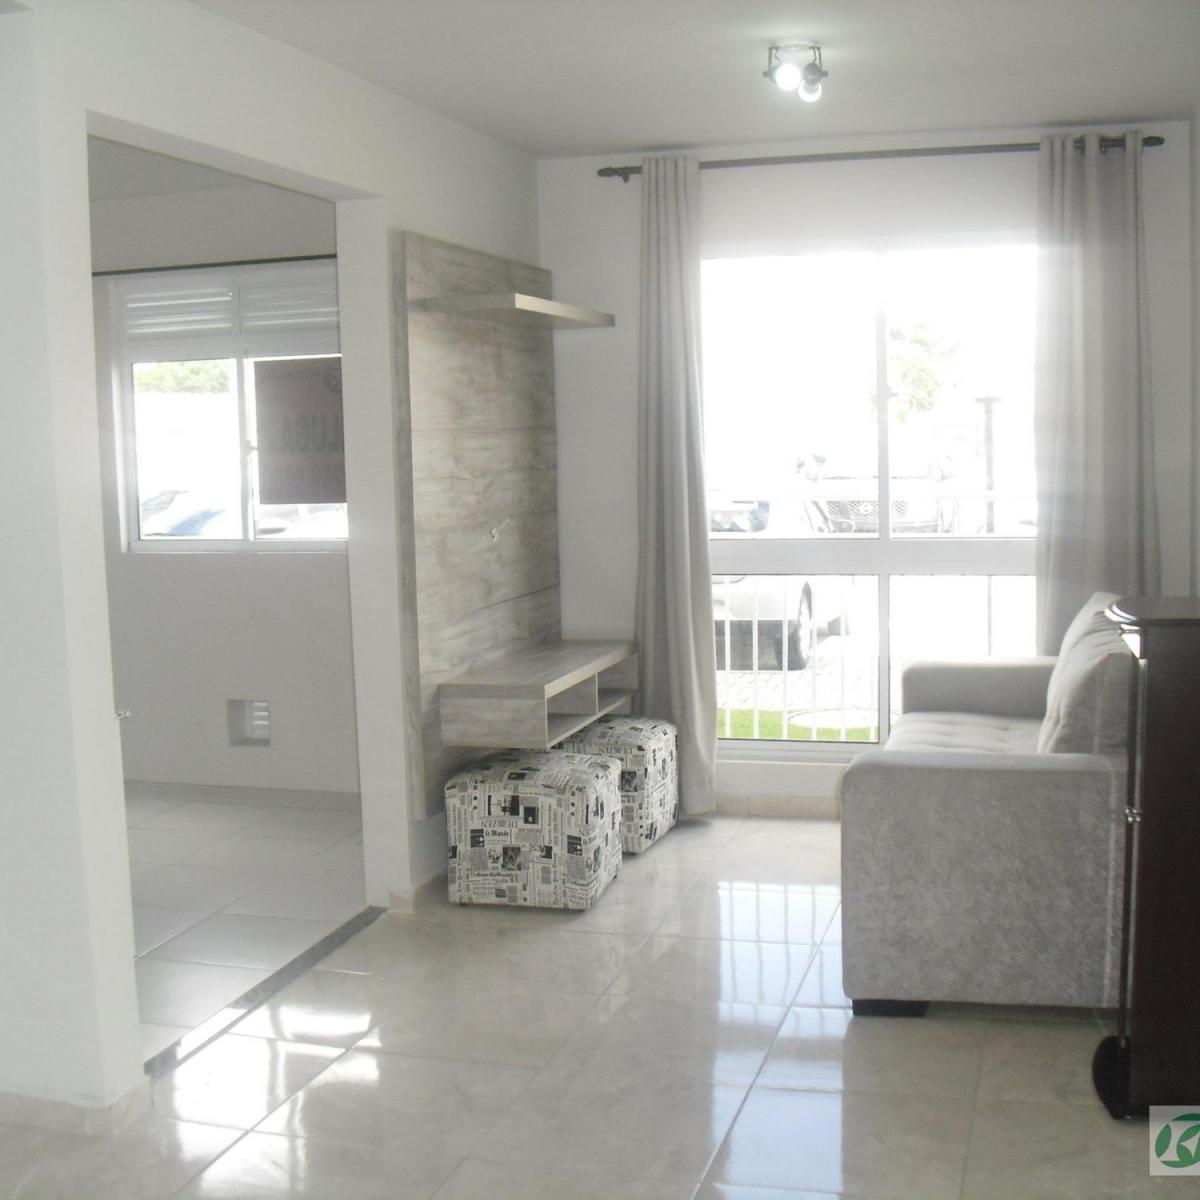 Quarto Hauer Curitiba R$ 880 52 m2 ID: 2930335356 Imovelweb #48634C 1200x1200 Balcão Banheiro Curitiba